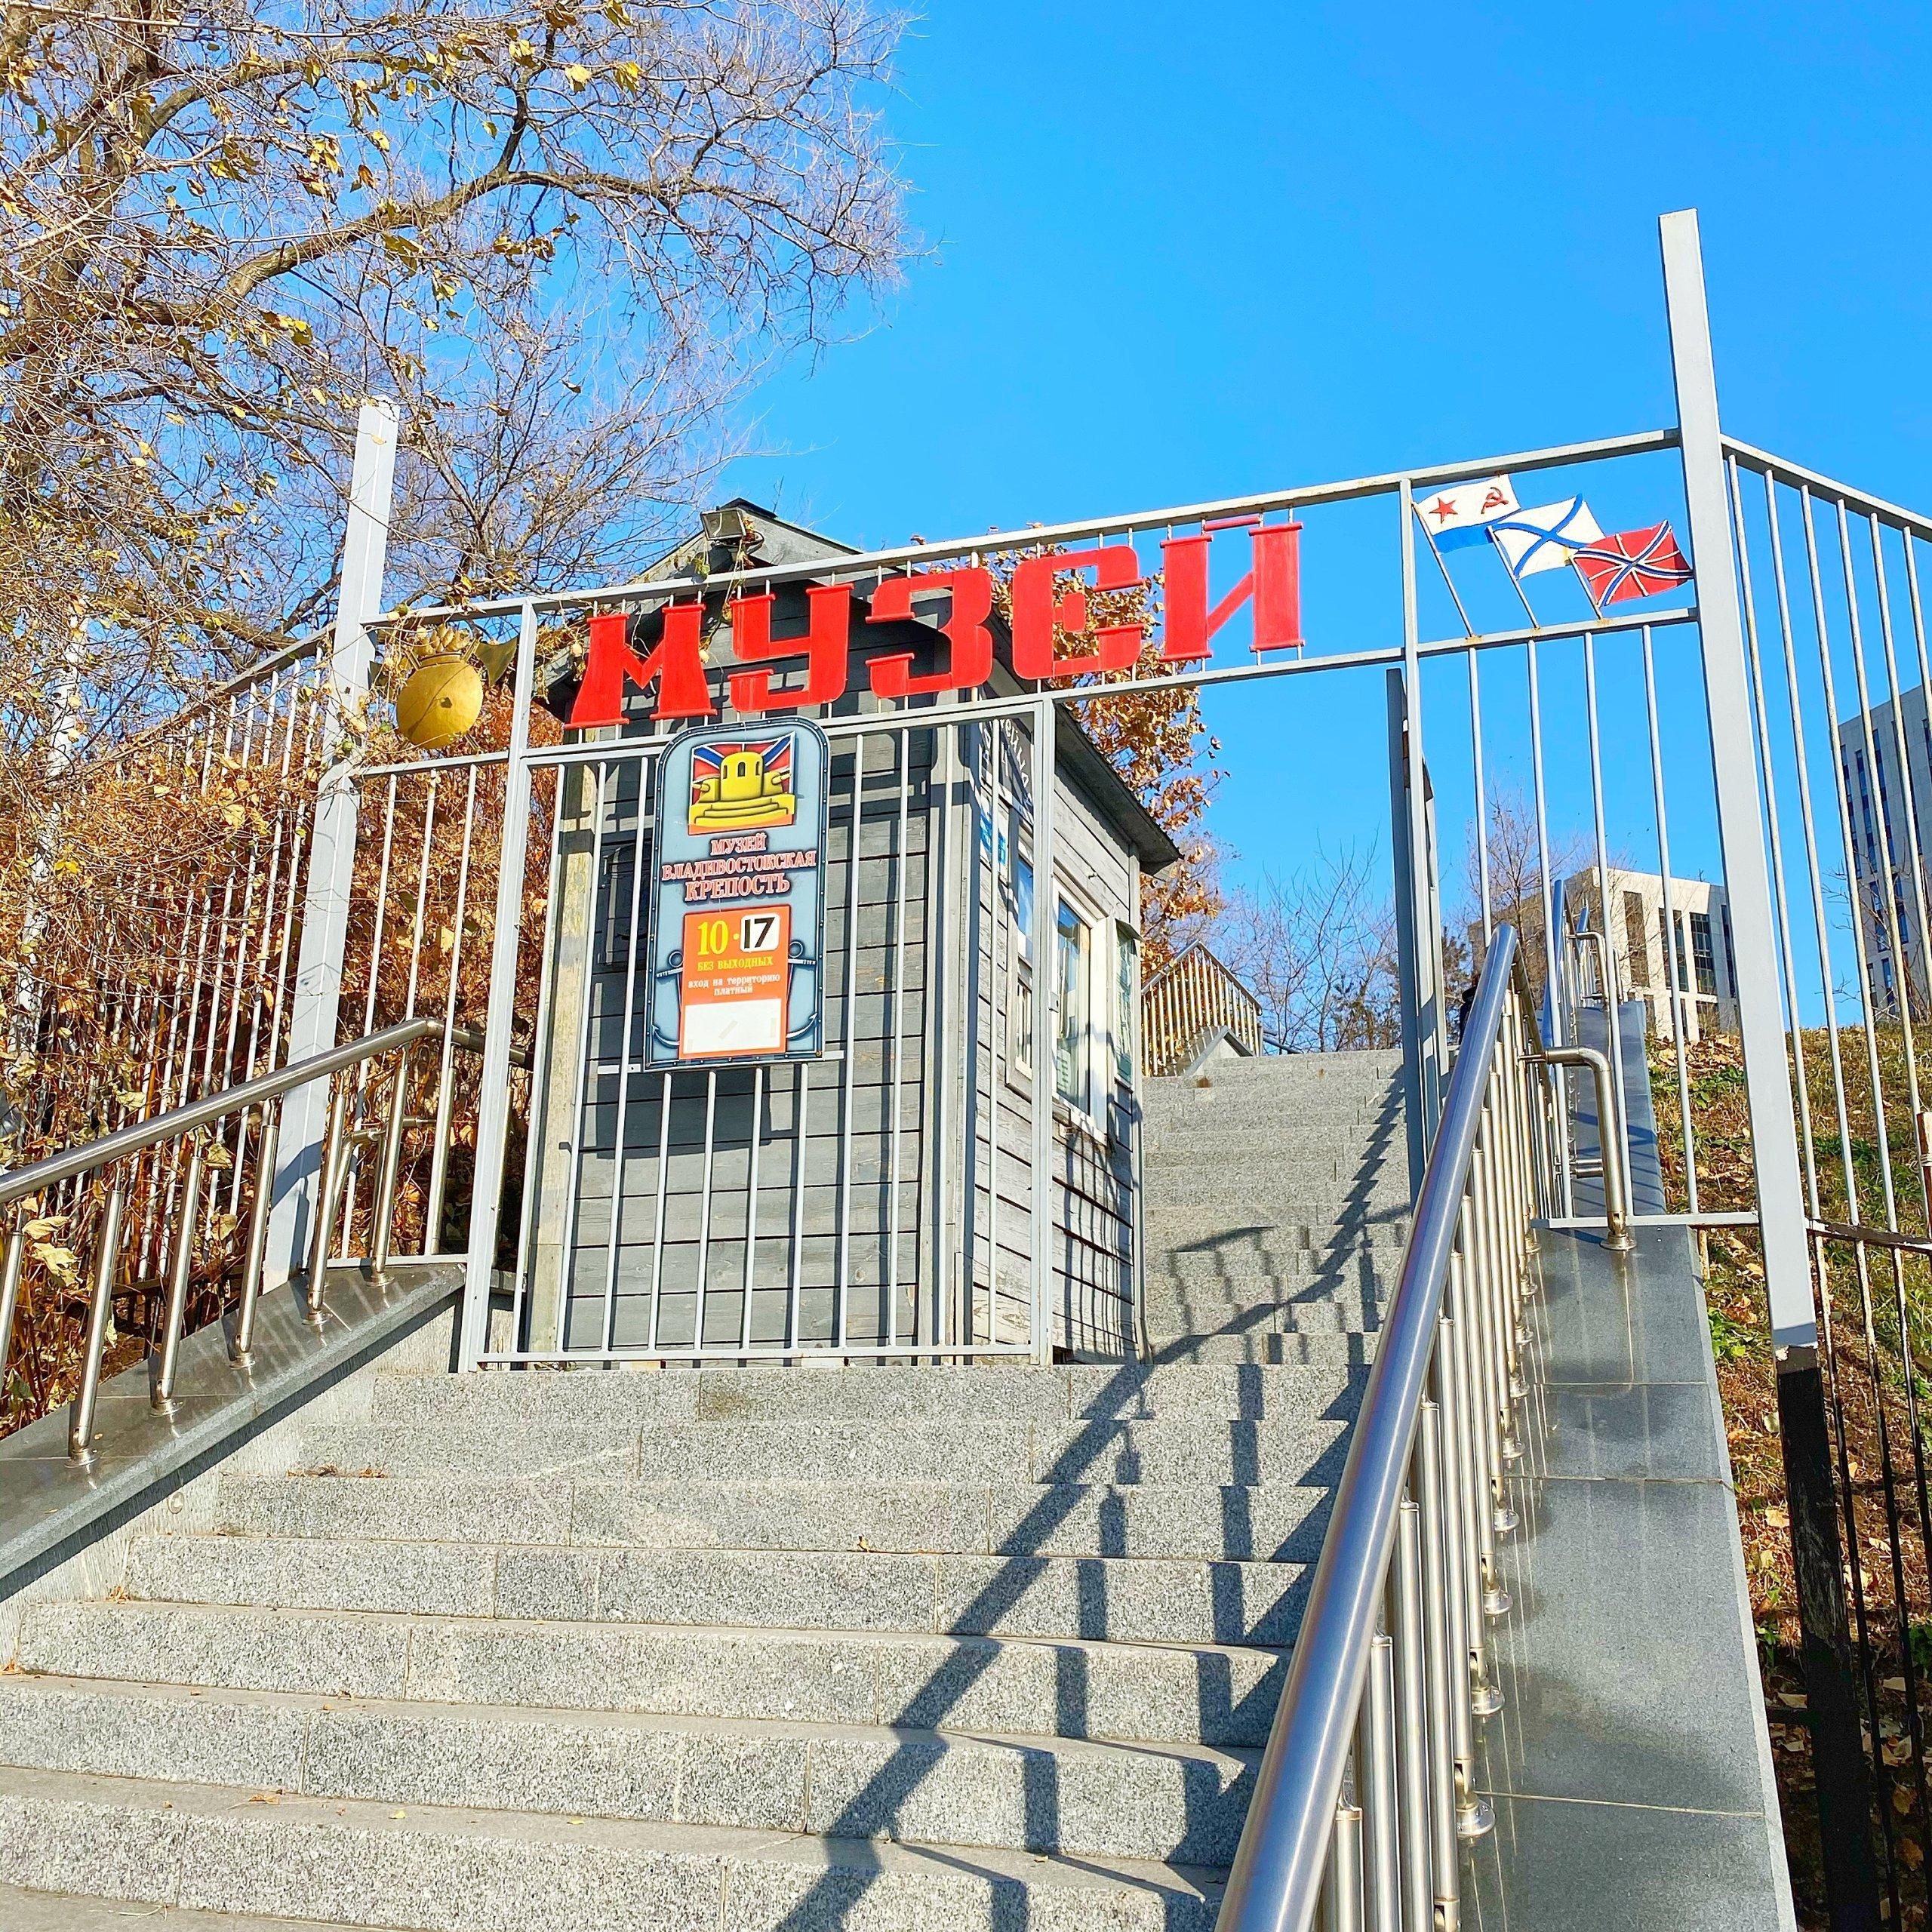 ウラジオストク要塞博物館の入り口